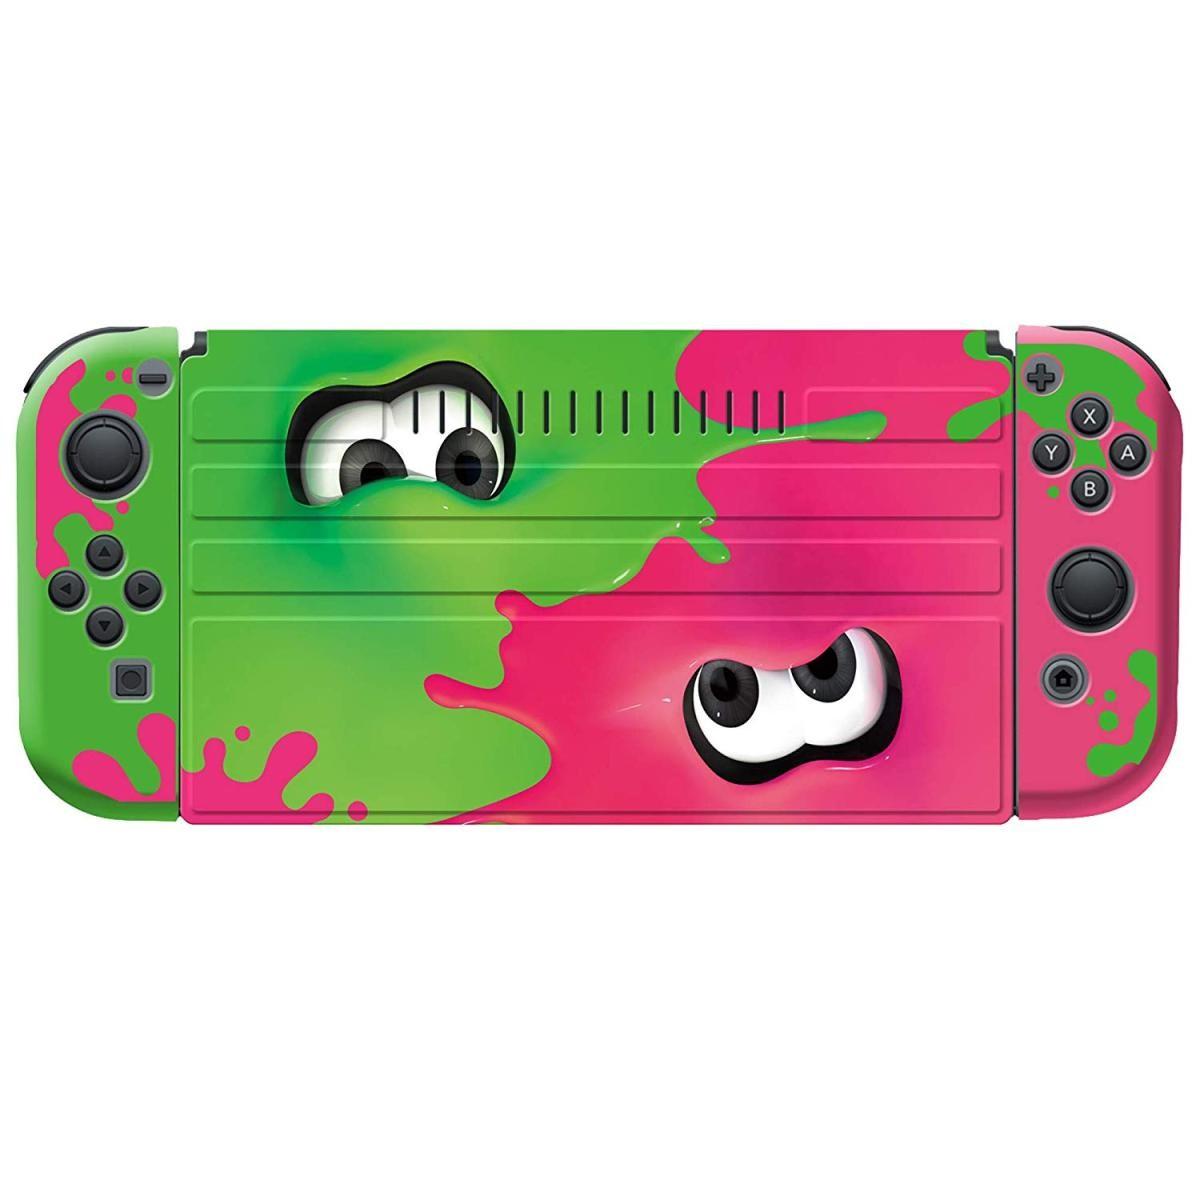 きせかえセット COLLECTION for Nintendo Switch Splatoon2 CKS-003-1の商品画像|ナビ